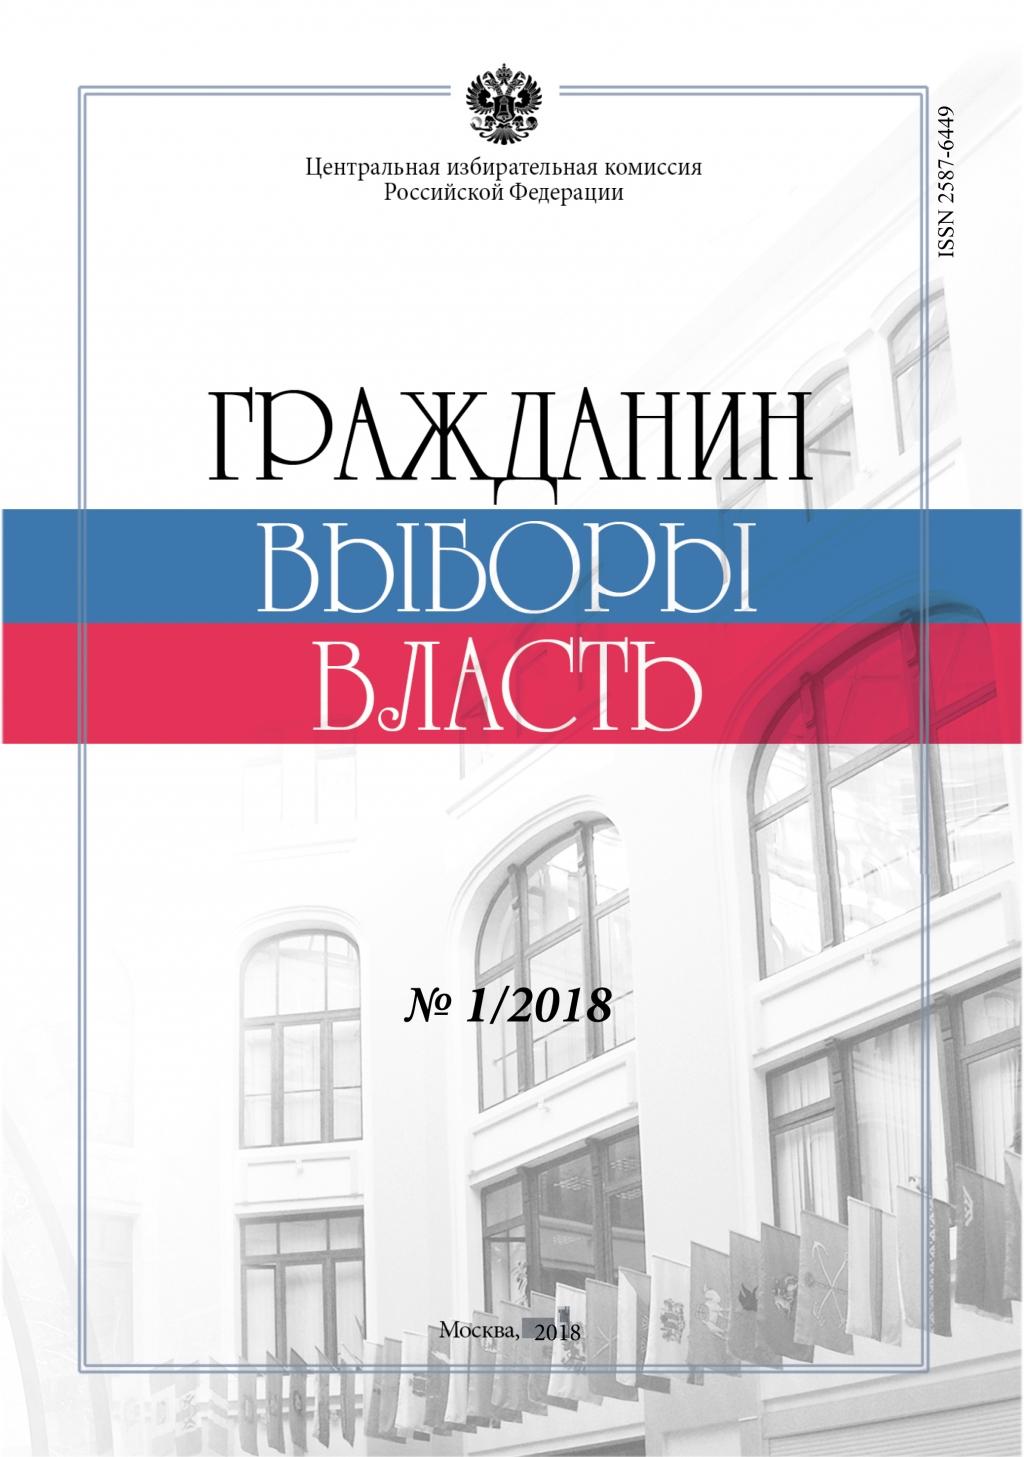 «Гражданин. Выборы. Власть» 2018 № 1